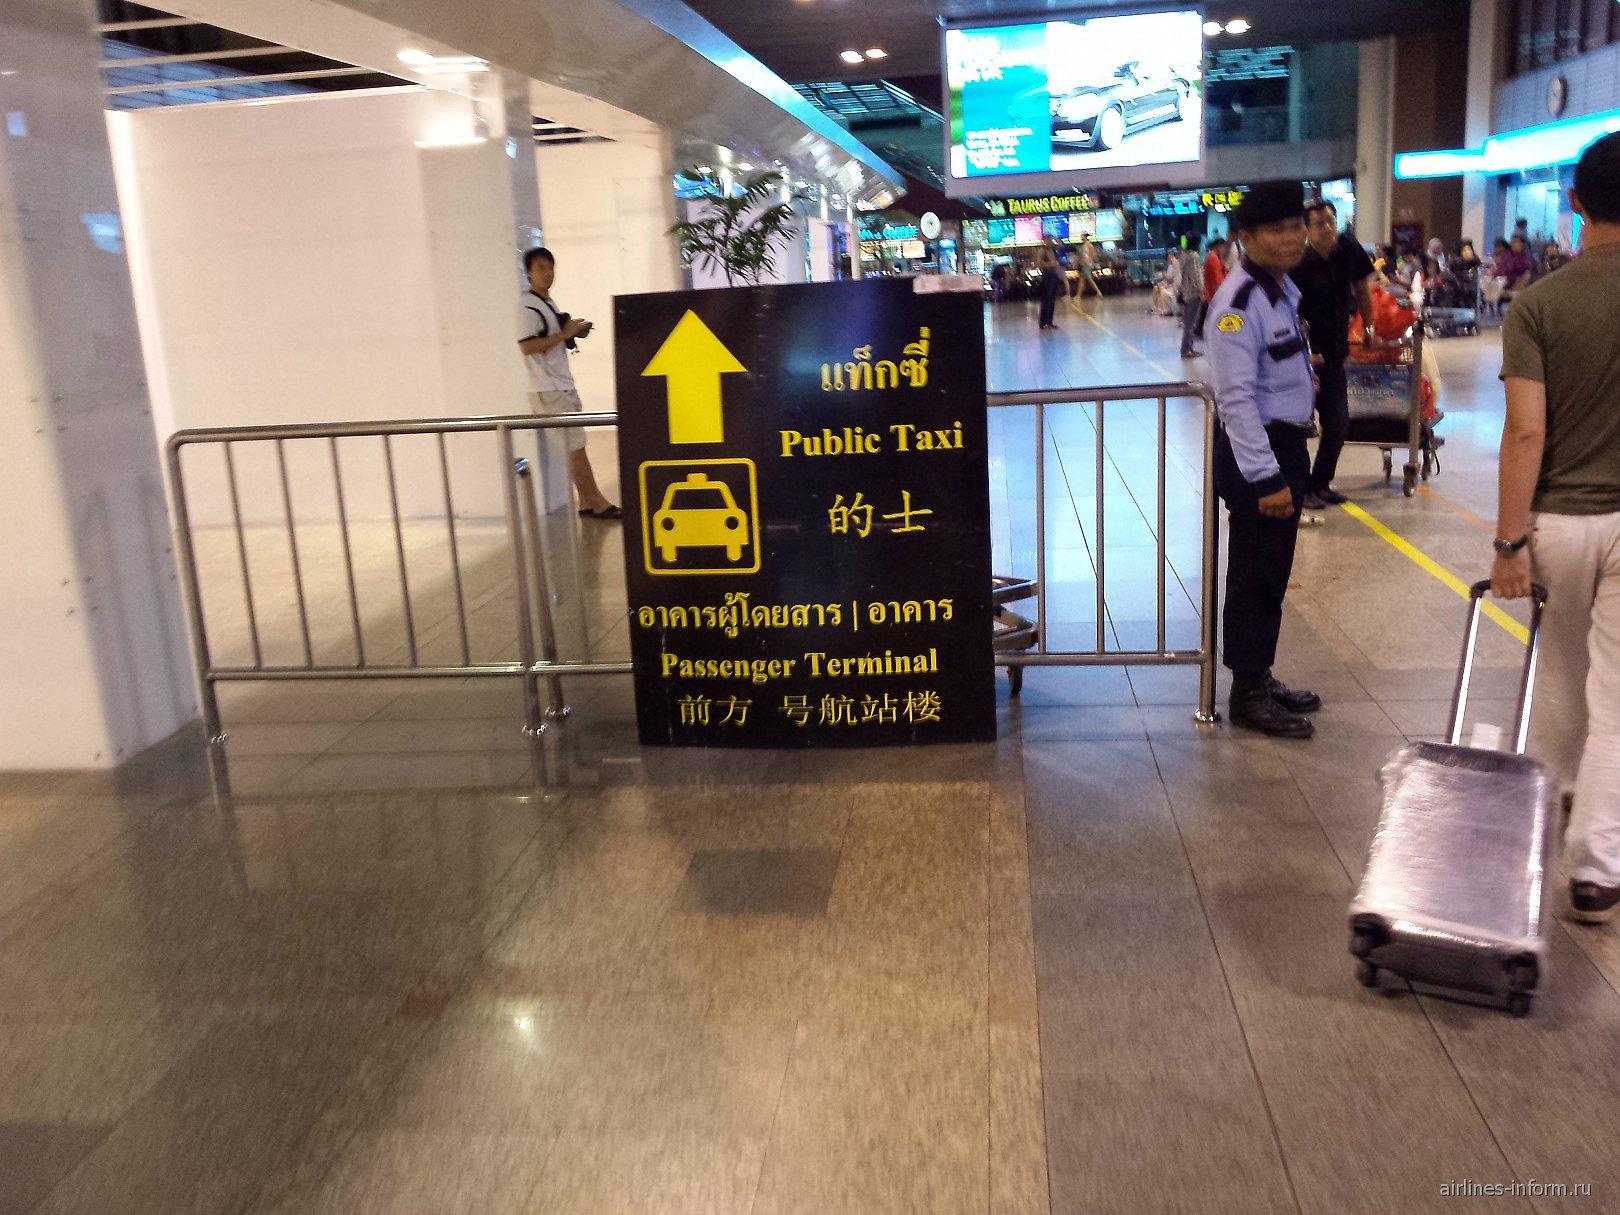 Аэропорт Дон Муанг в Бангкоке